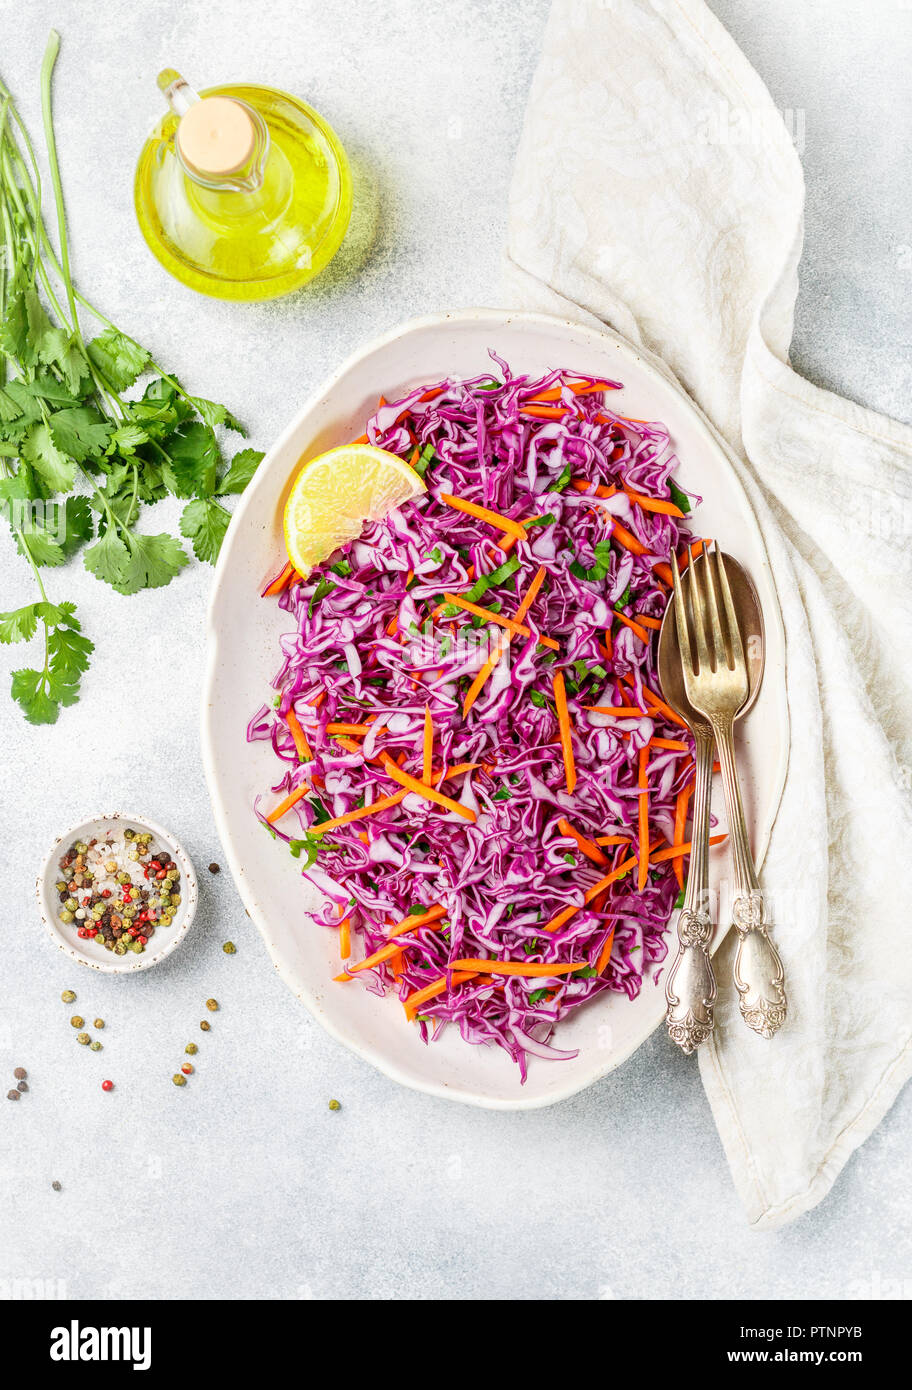 Ensalada de col con zanahorias, hierbas y aceite de oliva y jugo de limón vestirse. Coleslaw. ensalada de col . Luz comida vegetariana. Enfoque selectivo Foto de stock